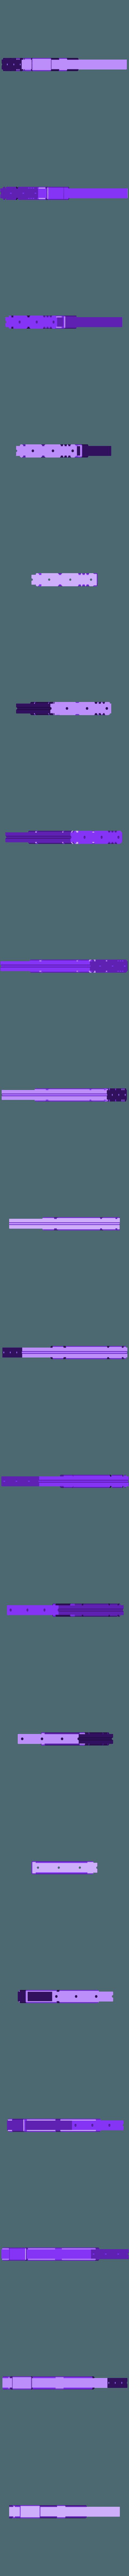 300x300x350 - Black - Blade - Part 4.stl Download STL file Final Fantasy VII - Buster Sword - Bracelet - Shoulder pad  • 3D print model, 3Dutchie